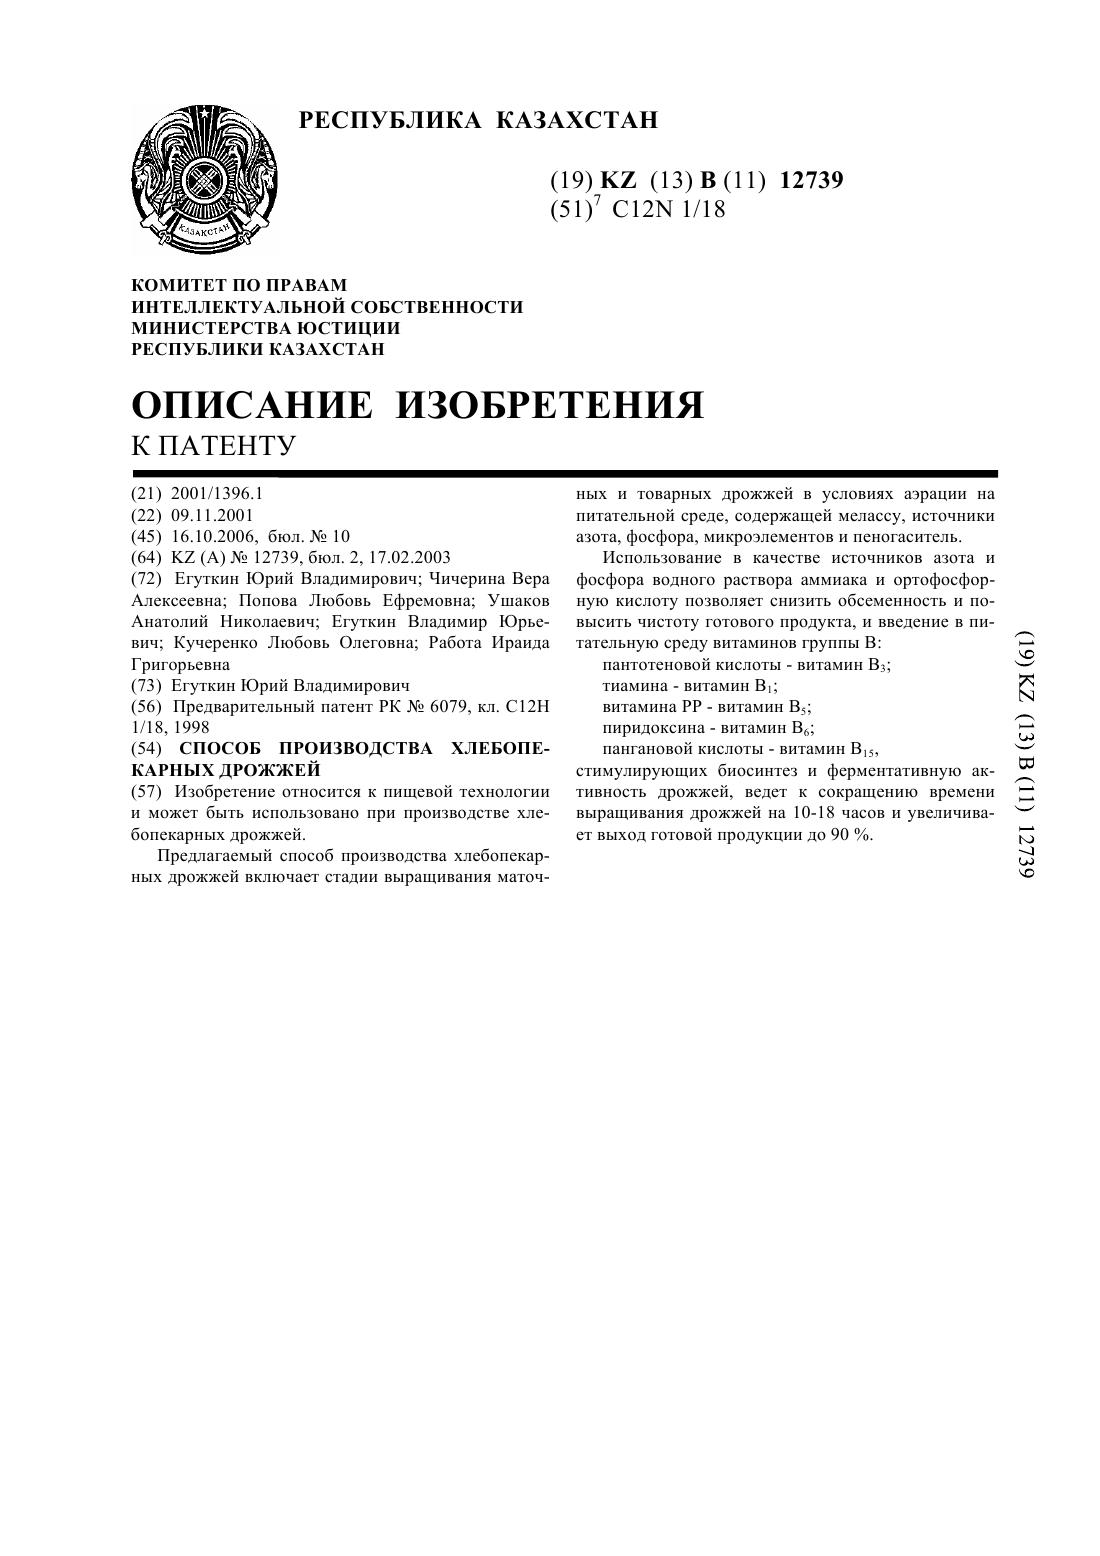 болезни хлеба реферат Болезни хлебных изделий - Реферат , страница 1